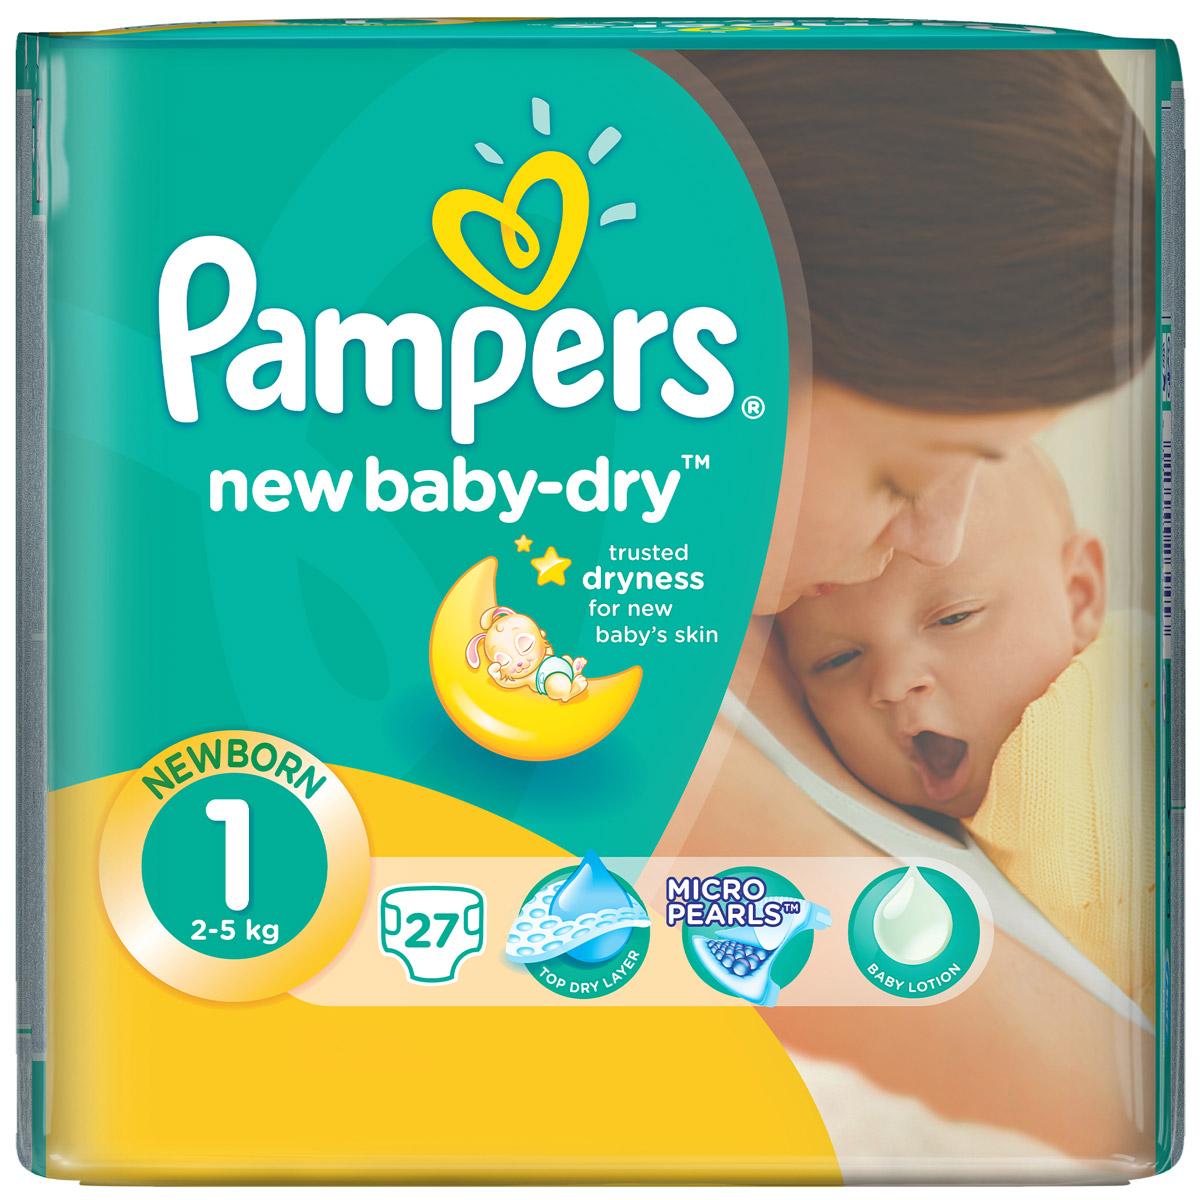 Pampers Подгузники New Baby-Dry 2-5 кг (размер 1) 27 штPA-81338033Для каждого доброго утра нужно, до 12 часов сухости ночью. Вот почему подгузники Pampers New Baby-Dry имеют жемчужные микрогранулы, которые впитывают влаги до 30 раз больше собственного веса и надежно удерживают ее внутри подгузника. Просыпайтесь радостно каждое утро с подгузниками Pampers New Baby-Dry. - Мягкий, как хлопок, уникальный верхний слой моментально впитывает влагу с кожи. - Жемчужные микрогранулы впитывают влаги до 30 раз больше собственного веса. - Экстра слой абсорбирует жидкость и распределяет ее по подгузнику. - Тянущиеся боковинки разработаны, чтоб малышу было комфортно двигаться, а подгузник сидел плотно.